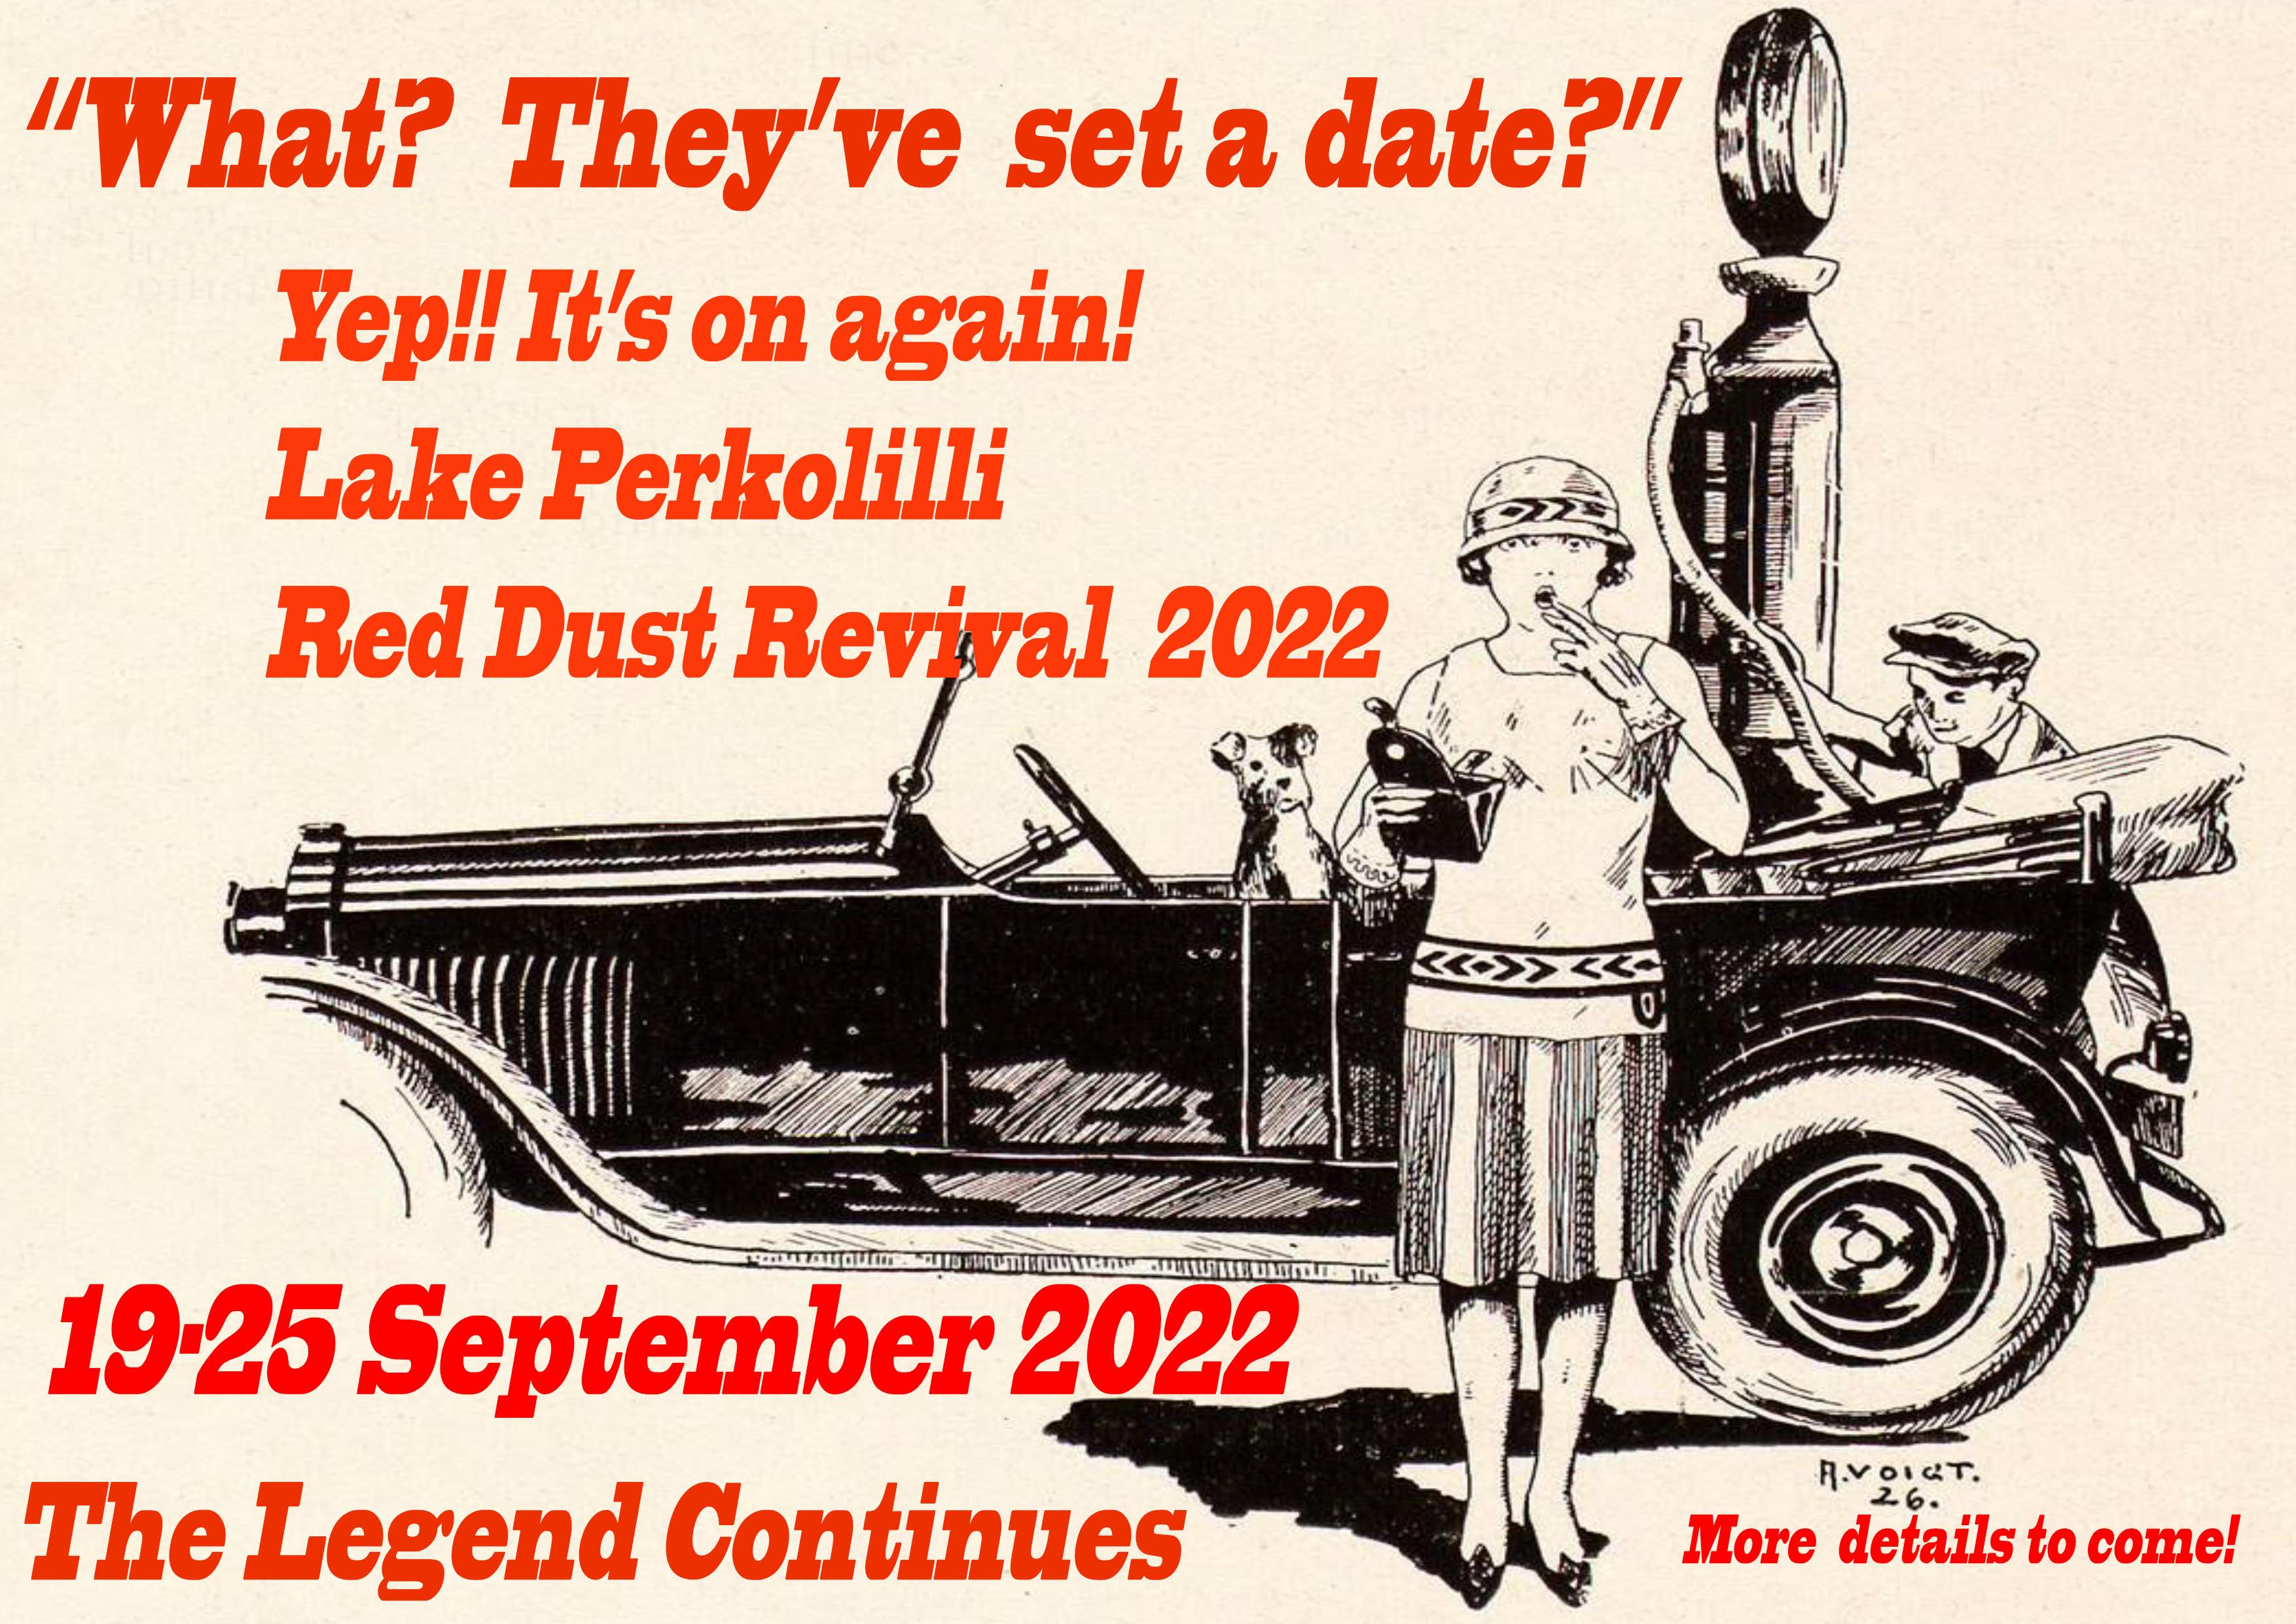 RDR 2022